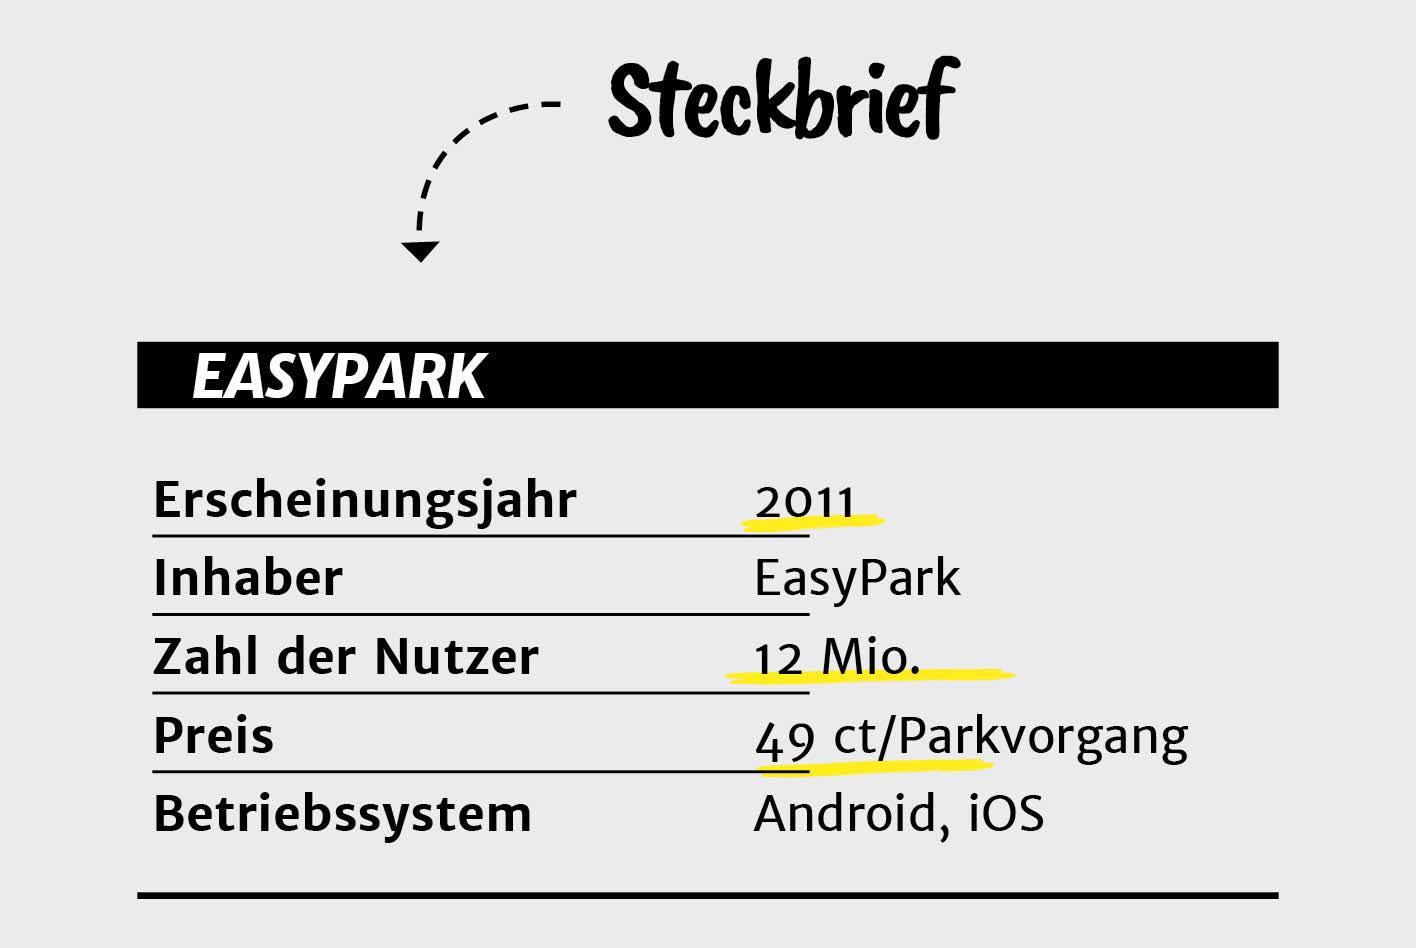 App-Vergleich: Der EasyPark-Steckbrief.